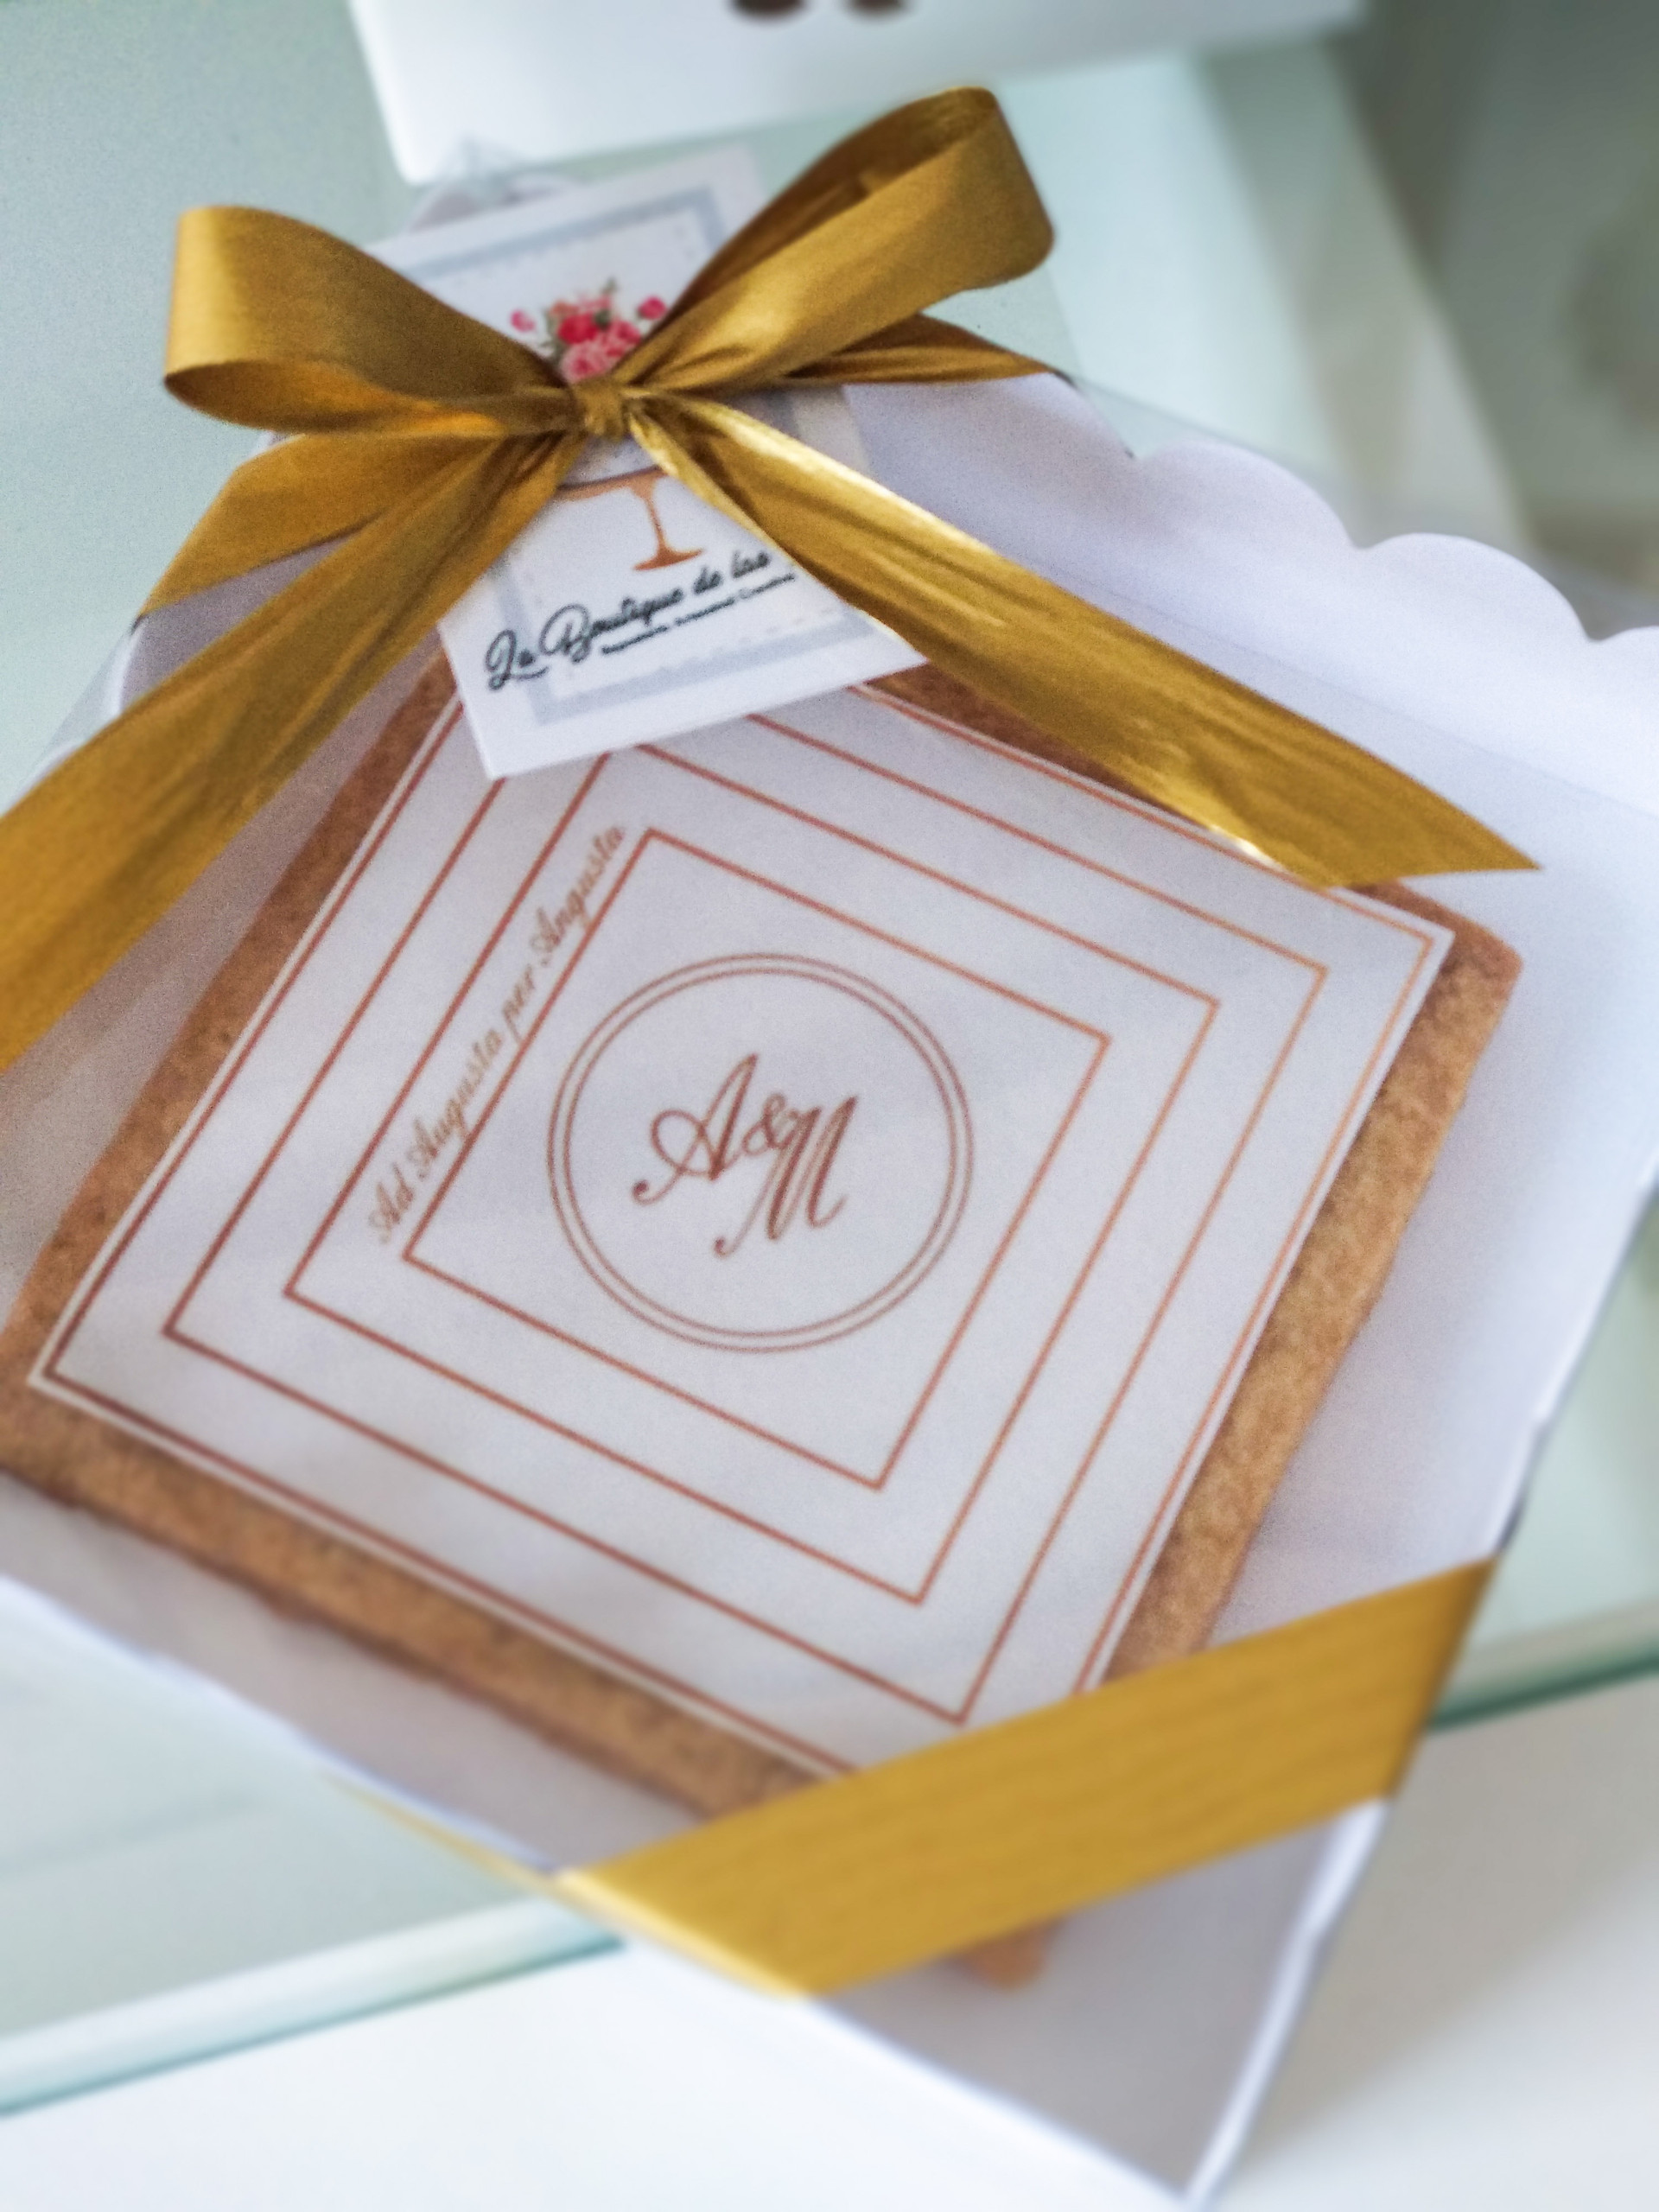 galletas personalizadas amaya 2 .jpg